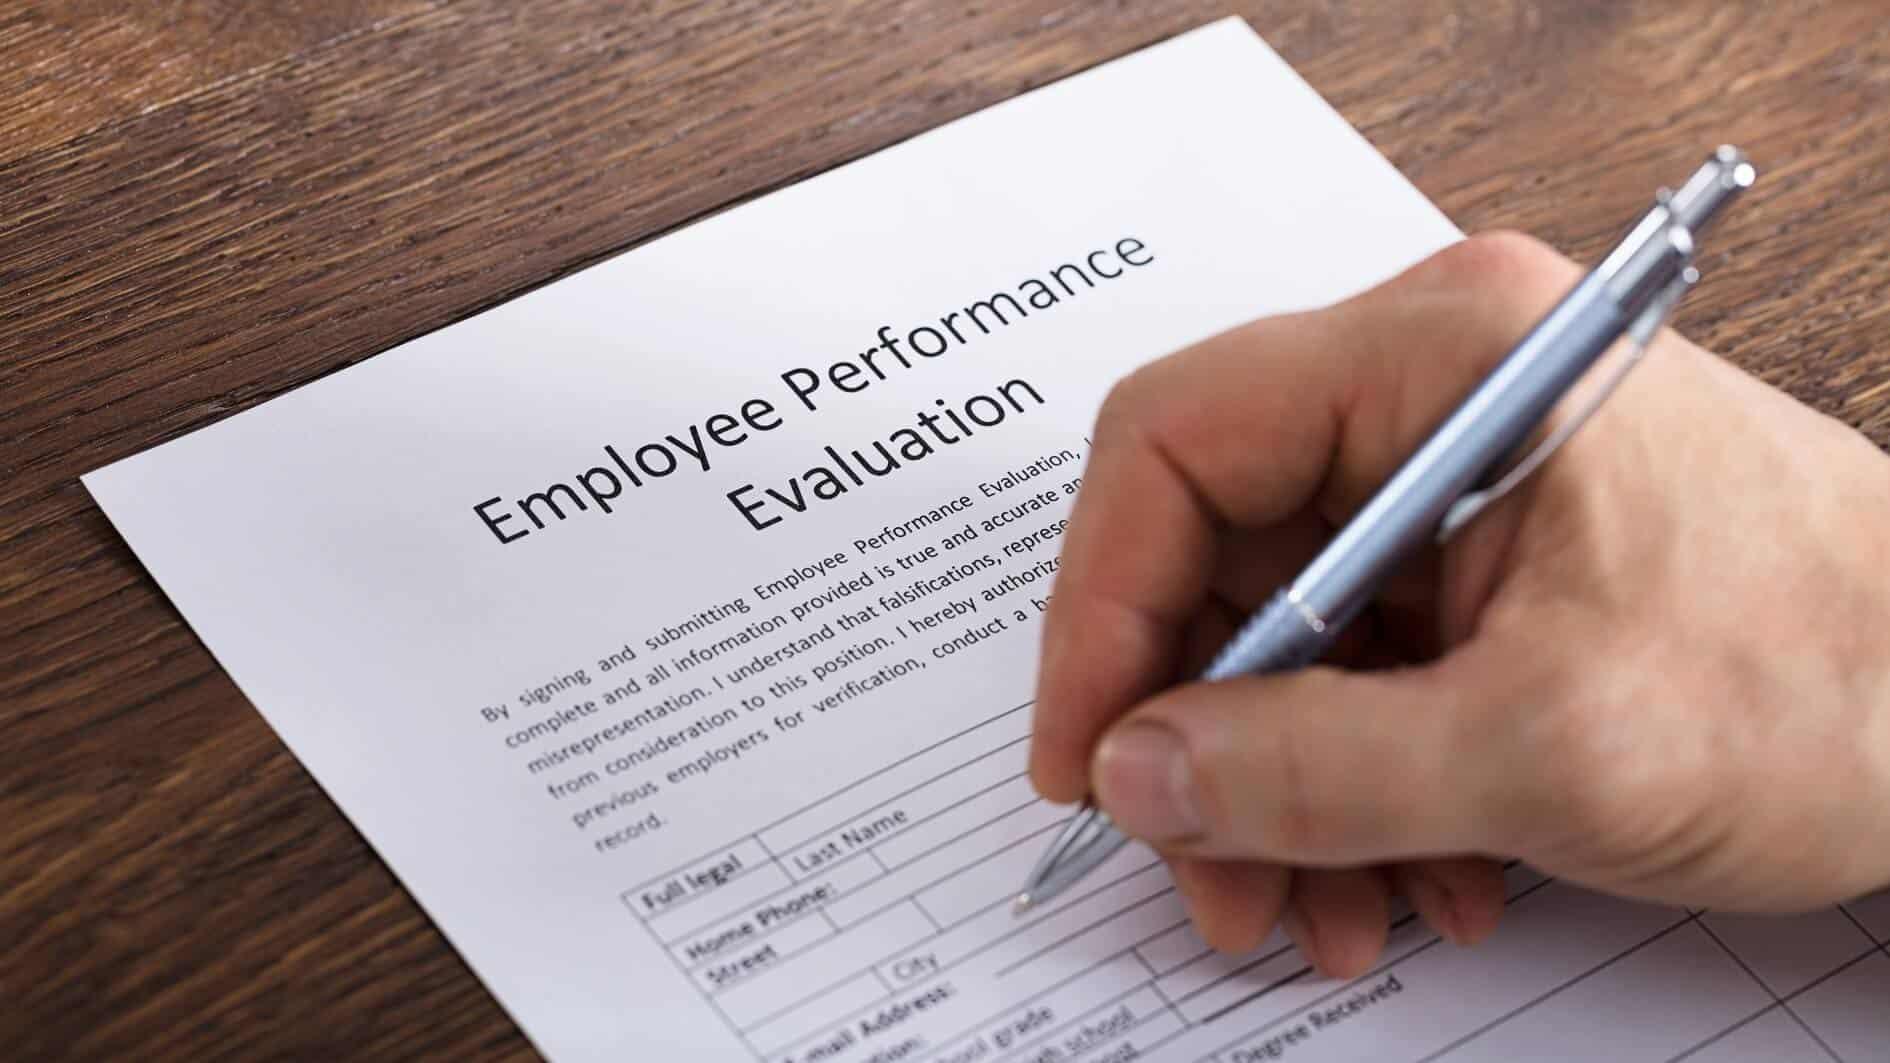 Kinerja Karyawan dan Faktor-faktor yang Memengaruhinya